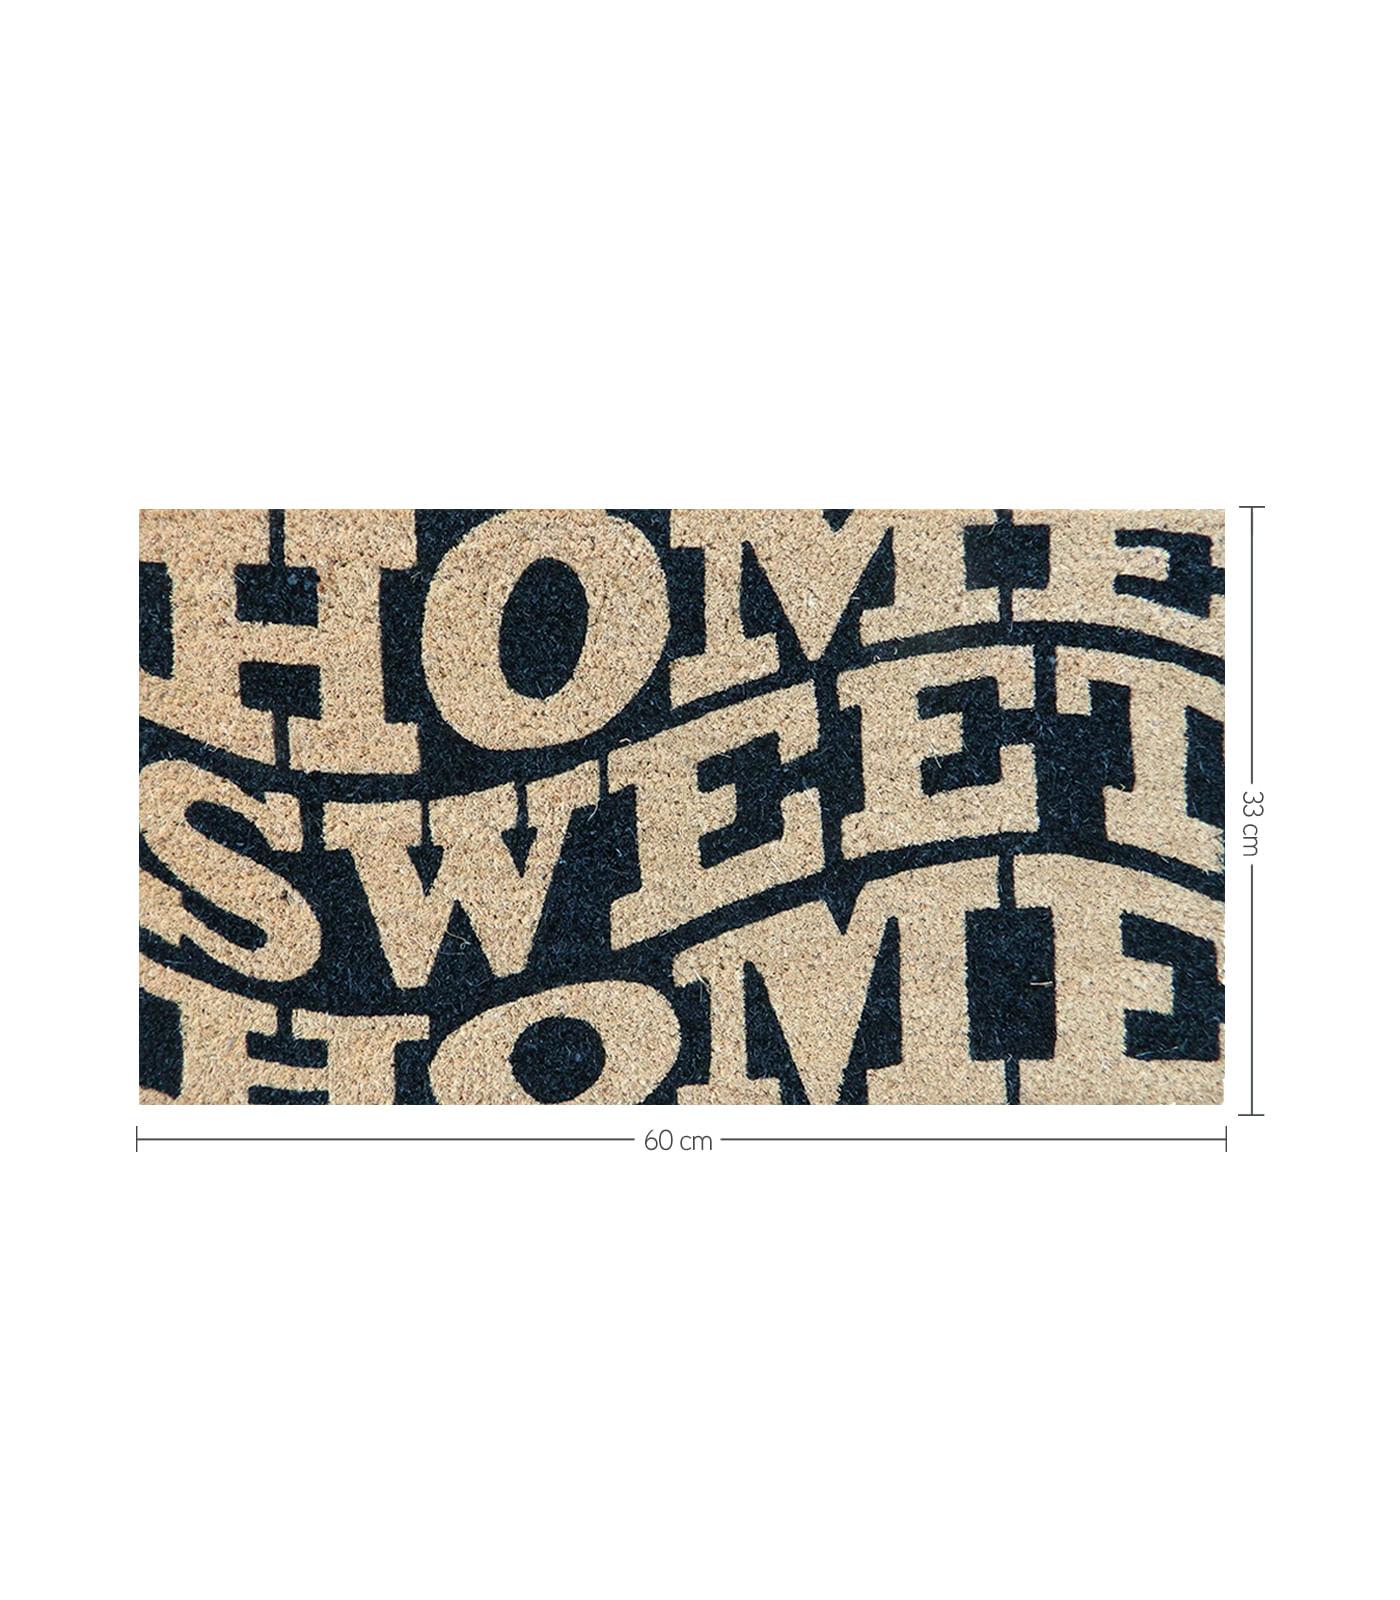 Capacho-Home-Sweet-Home-de-Fibra-de-Coco-Cortex-Unica